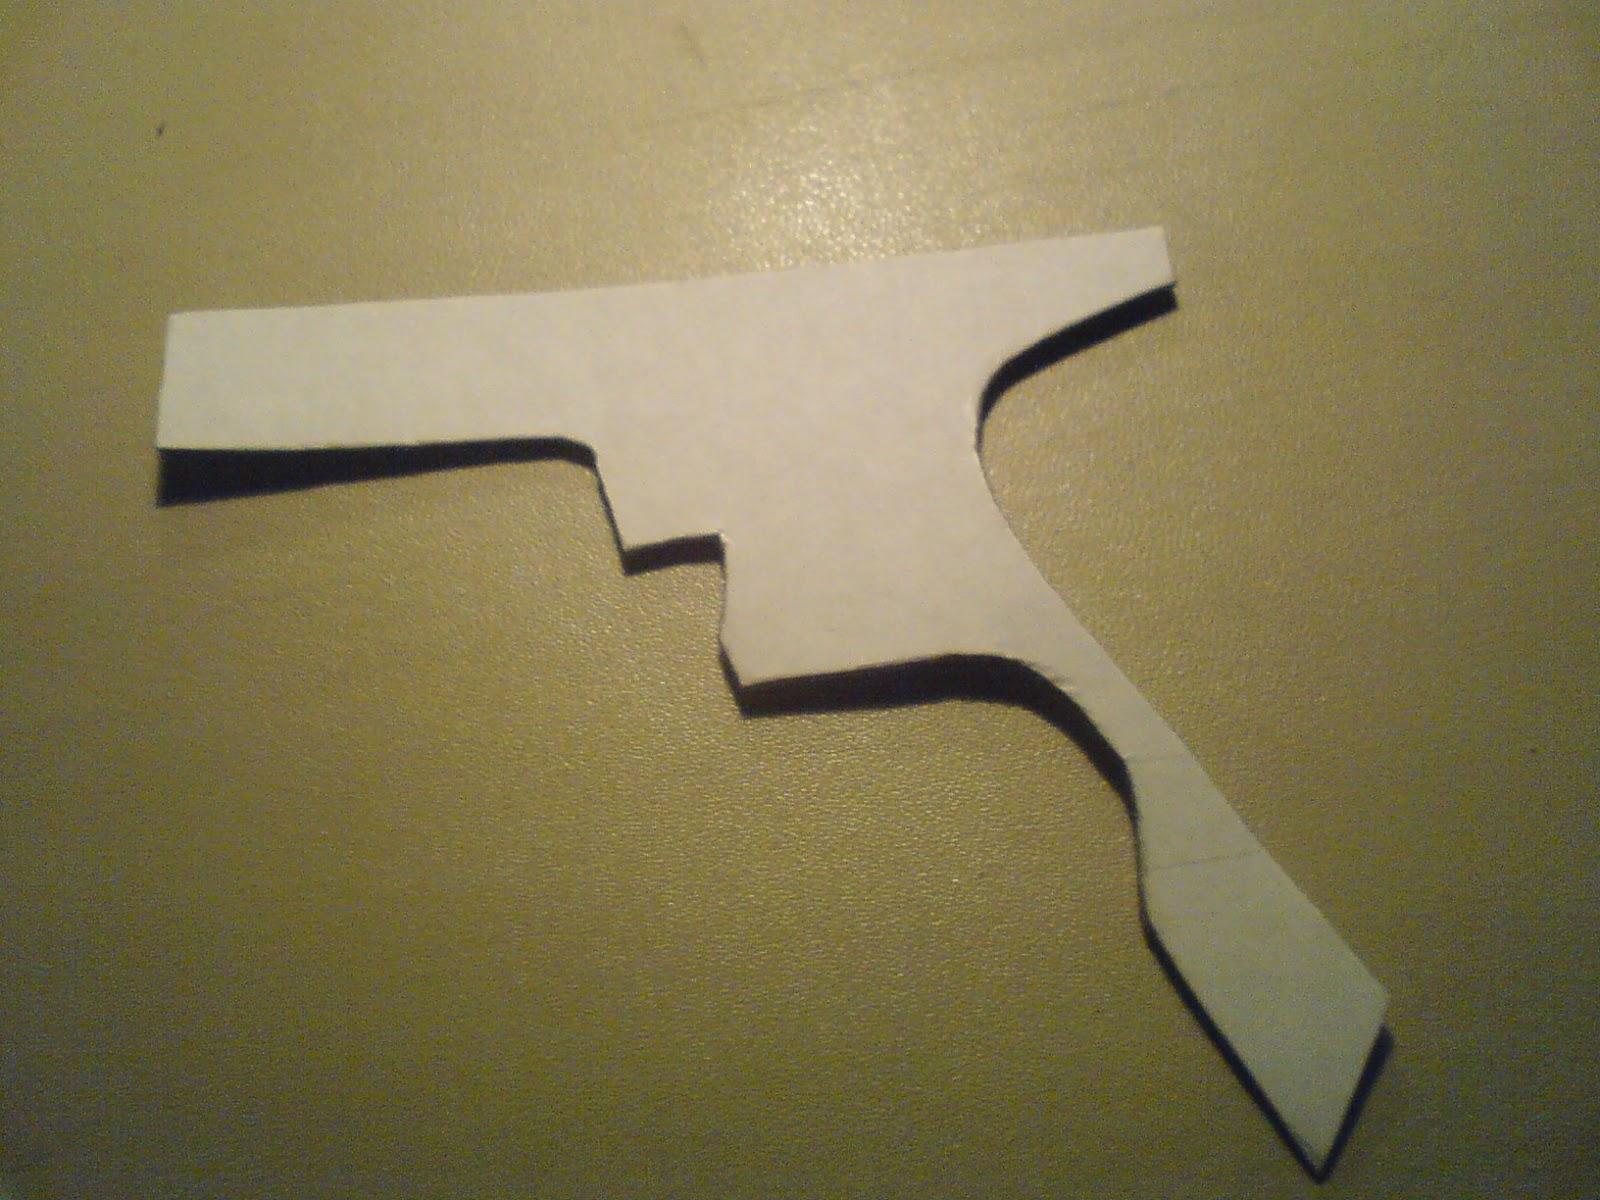 Pistola Blacktail - Resident Evil DSC04433